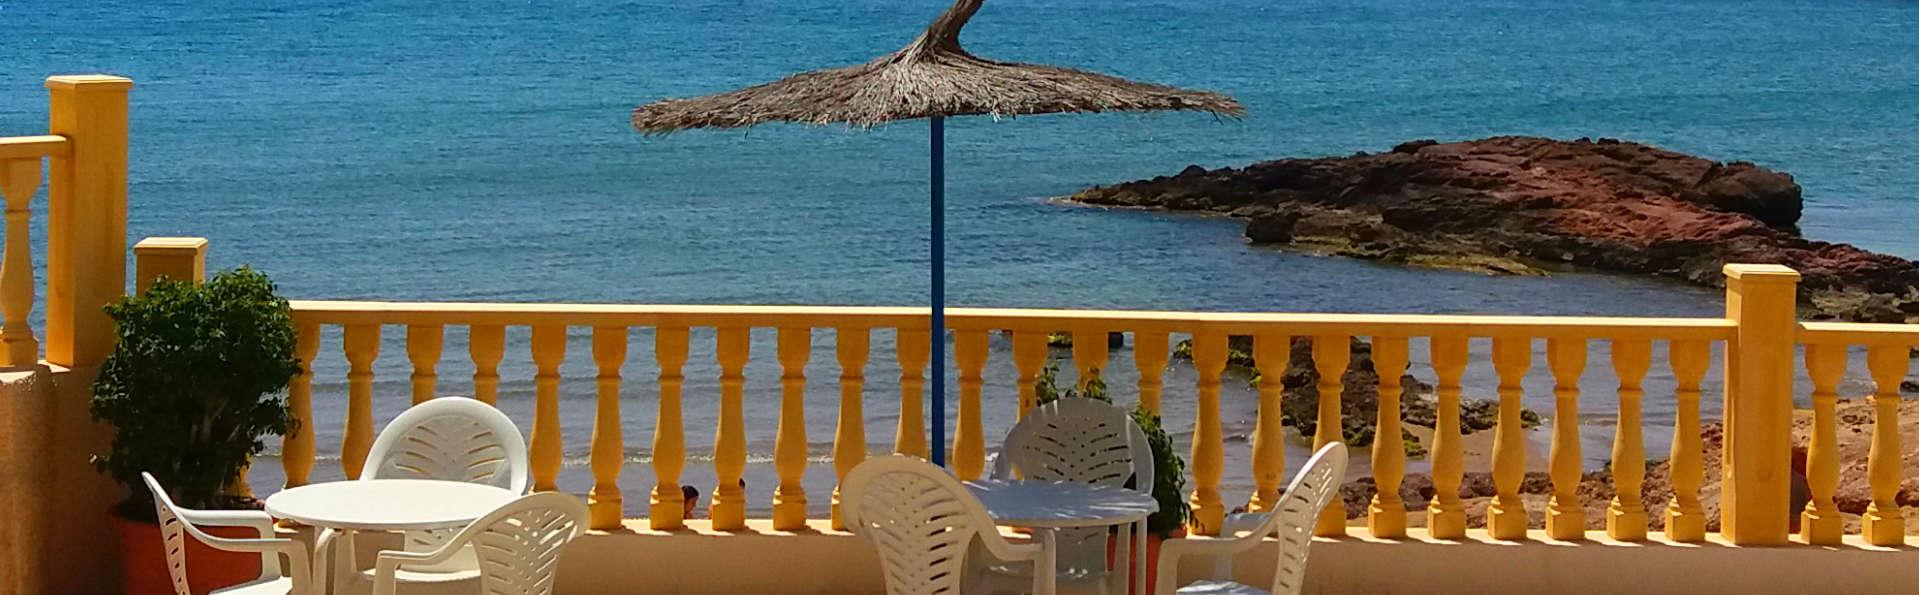 Hotel Bahía - EDIT20170516_142644.jpg